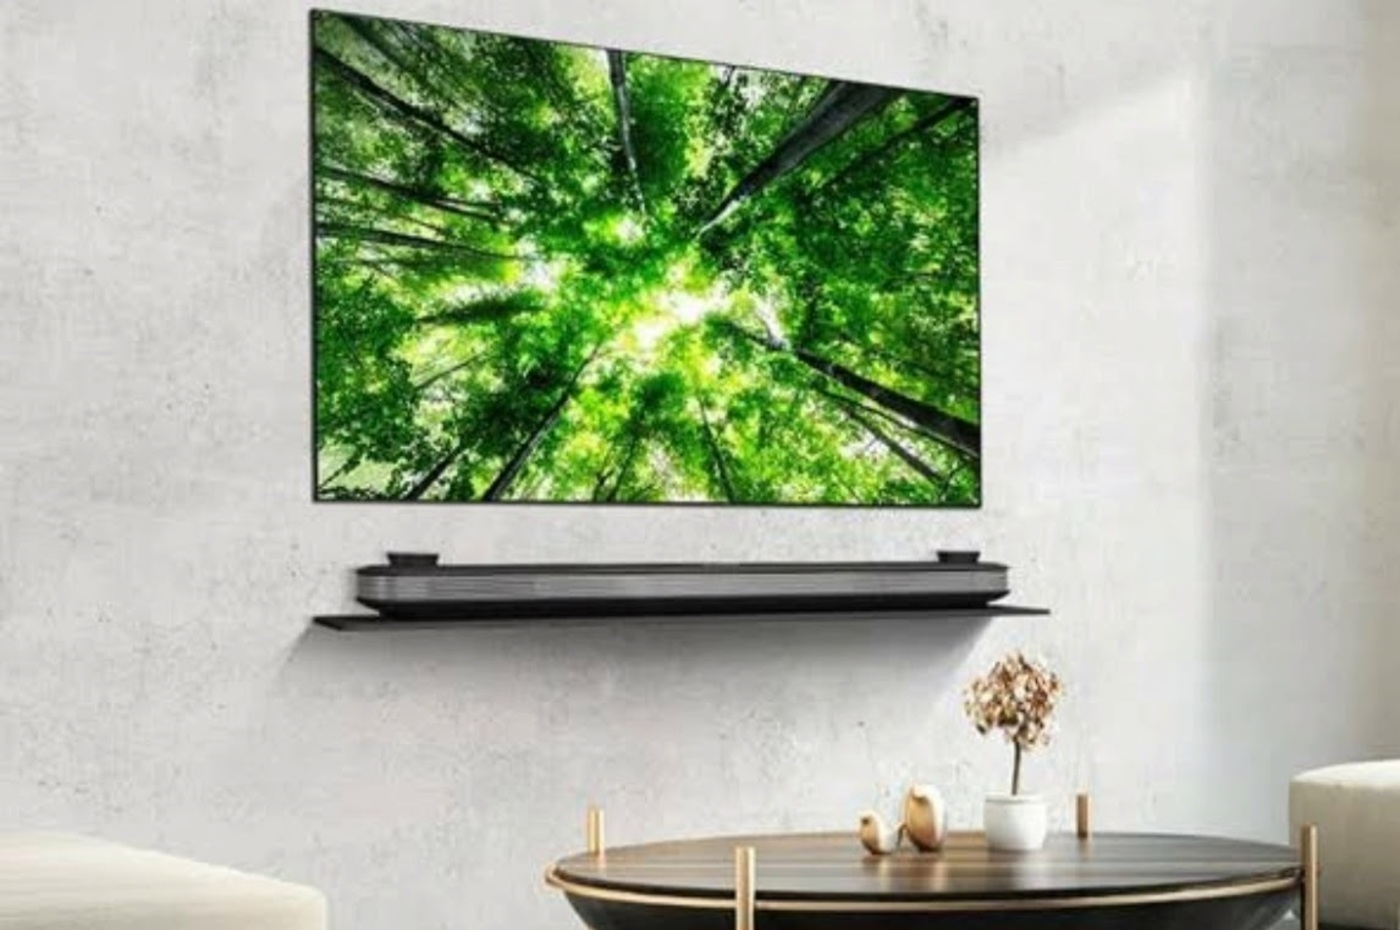 Téléviseurs LG au CES 2019